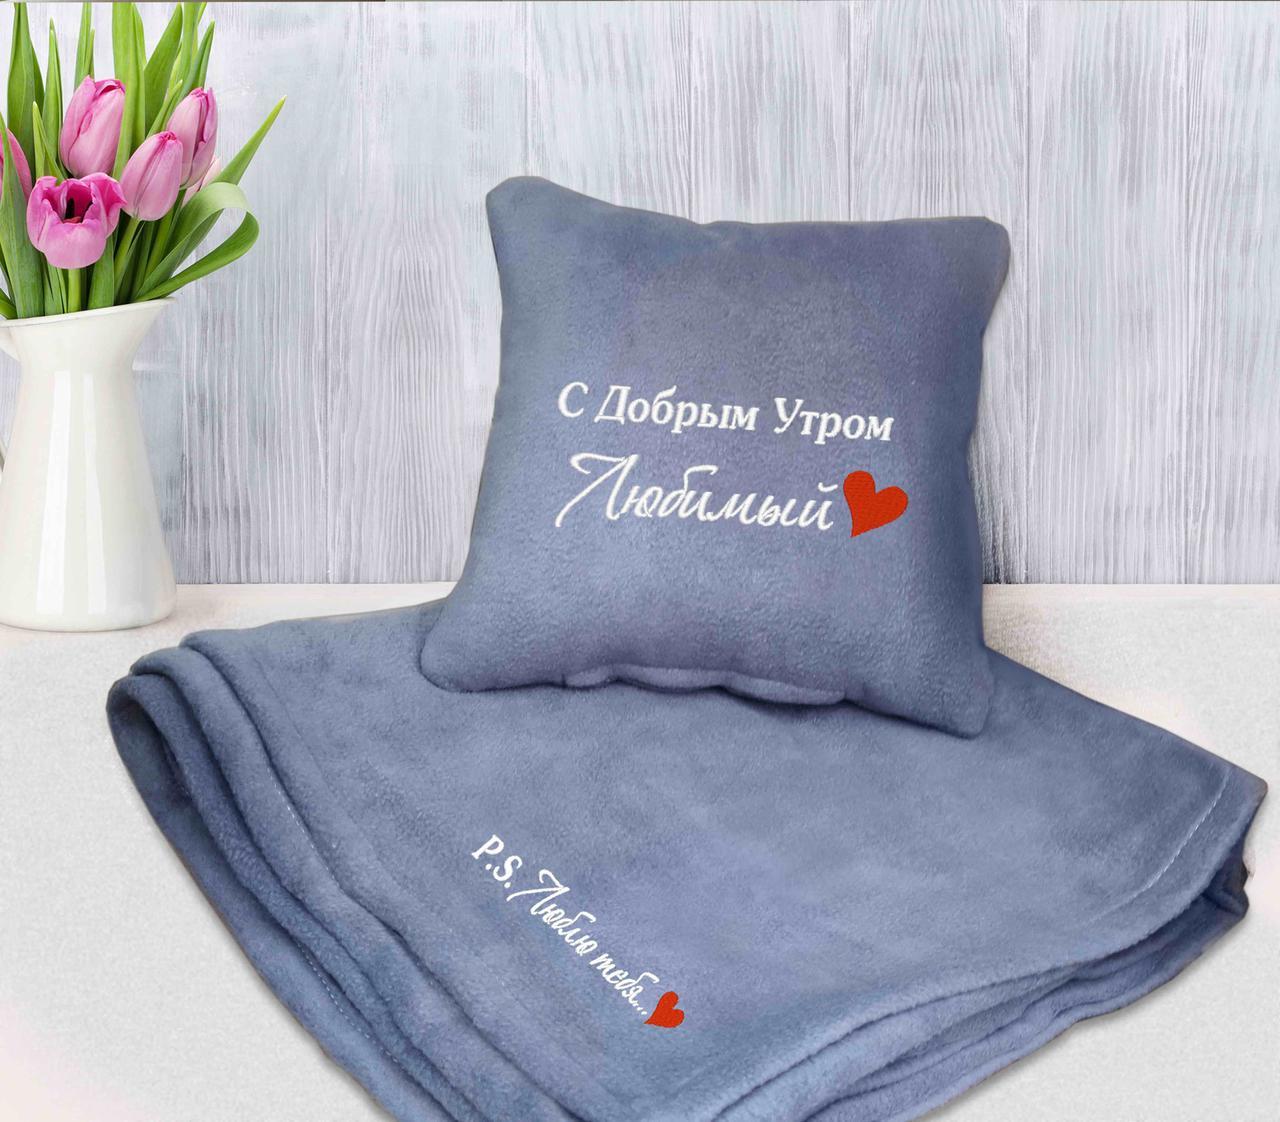 """Набор: подушка + плед """"С добрым утром, Любимый!"""""""